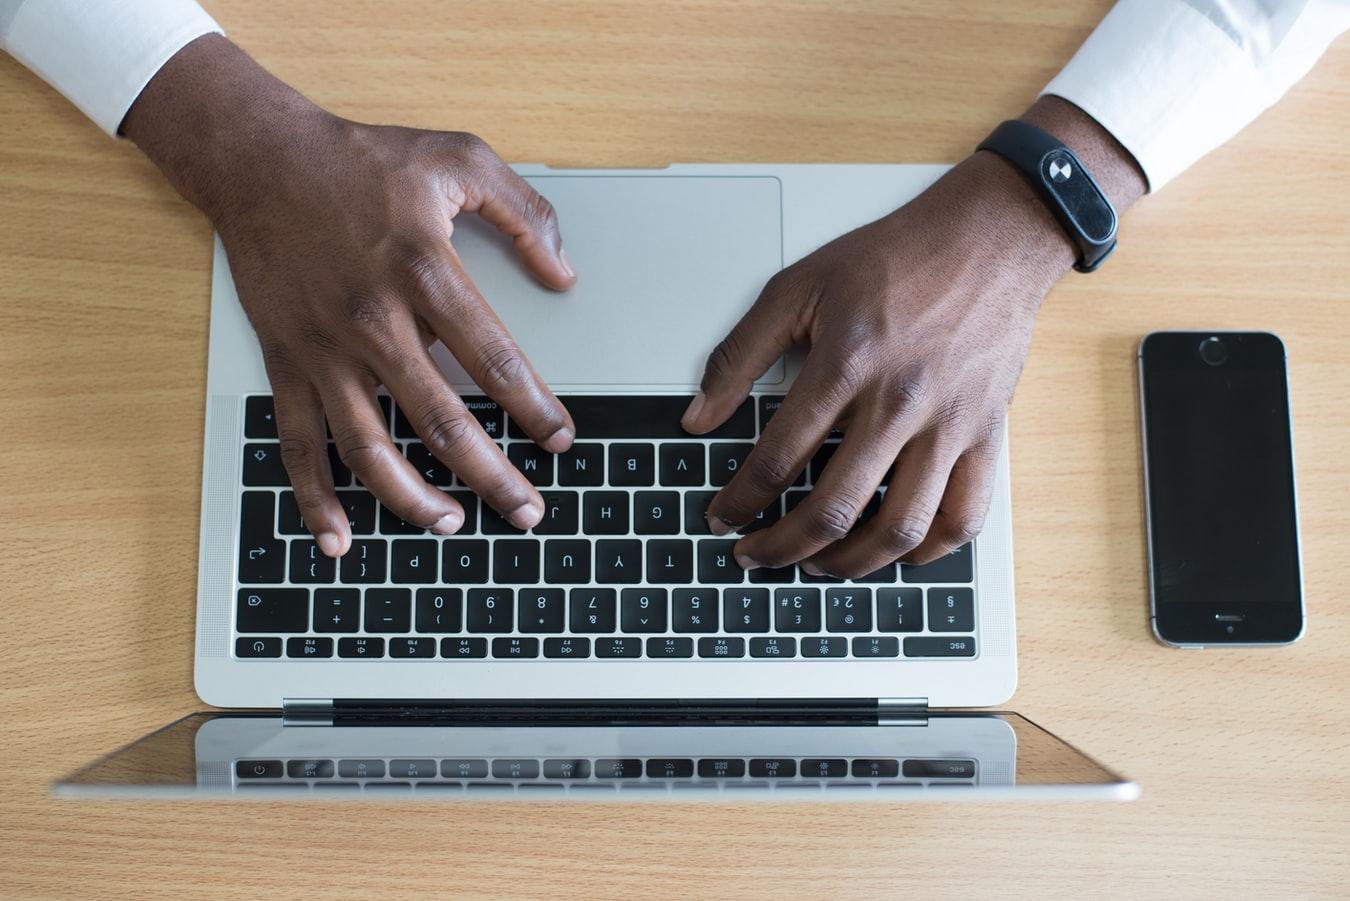 【結論】Webライターで暮らすことは可能だけどやめておけ